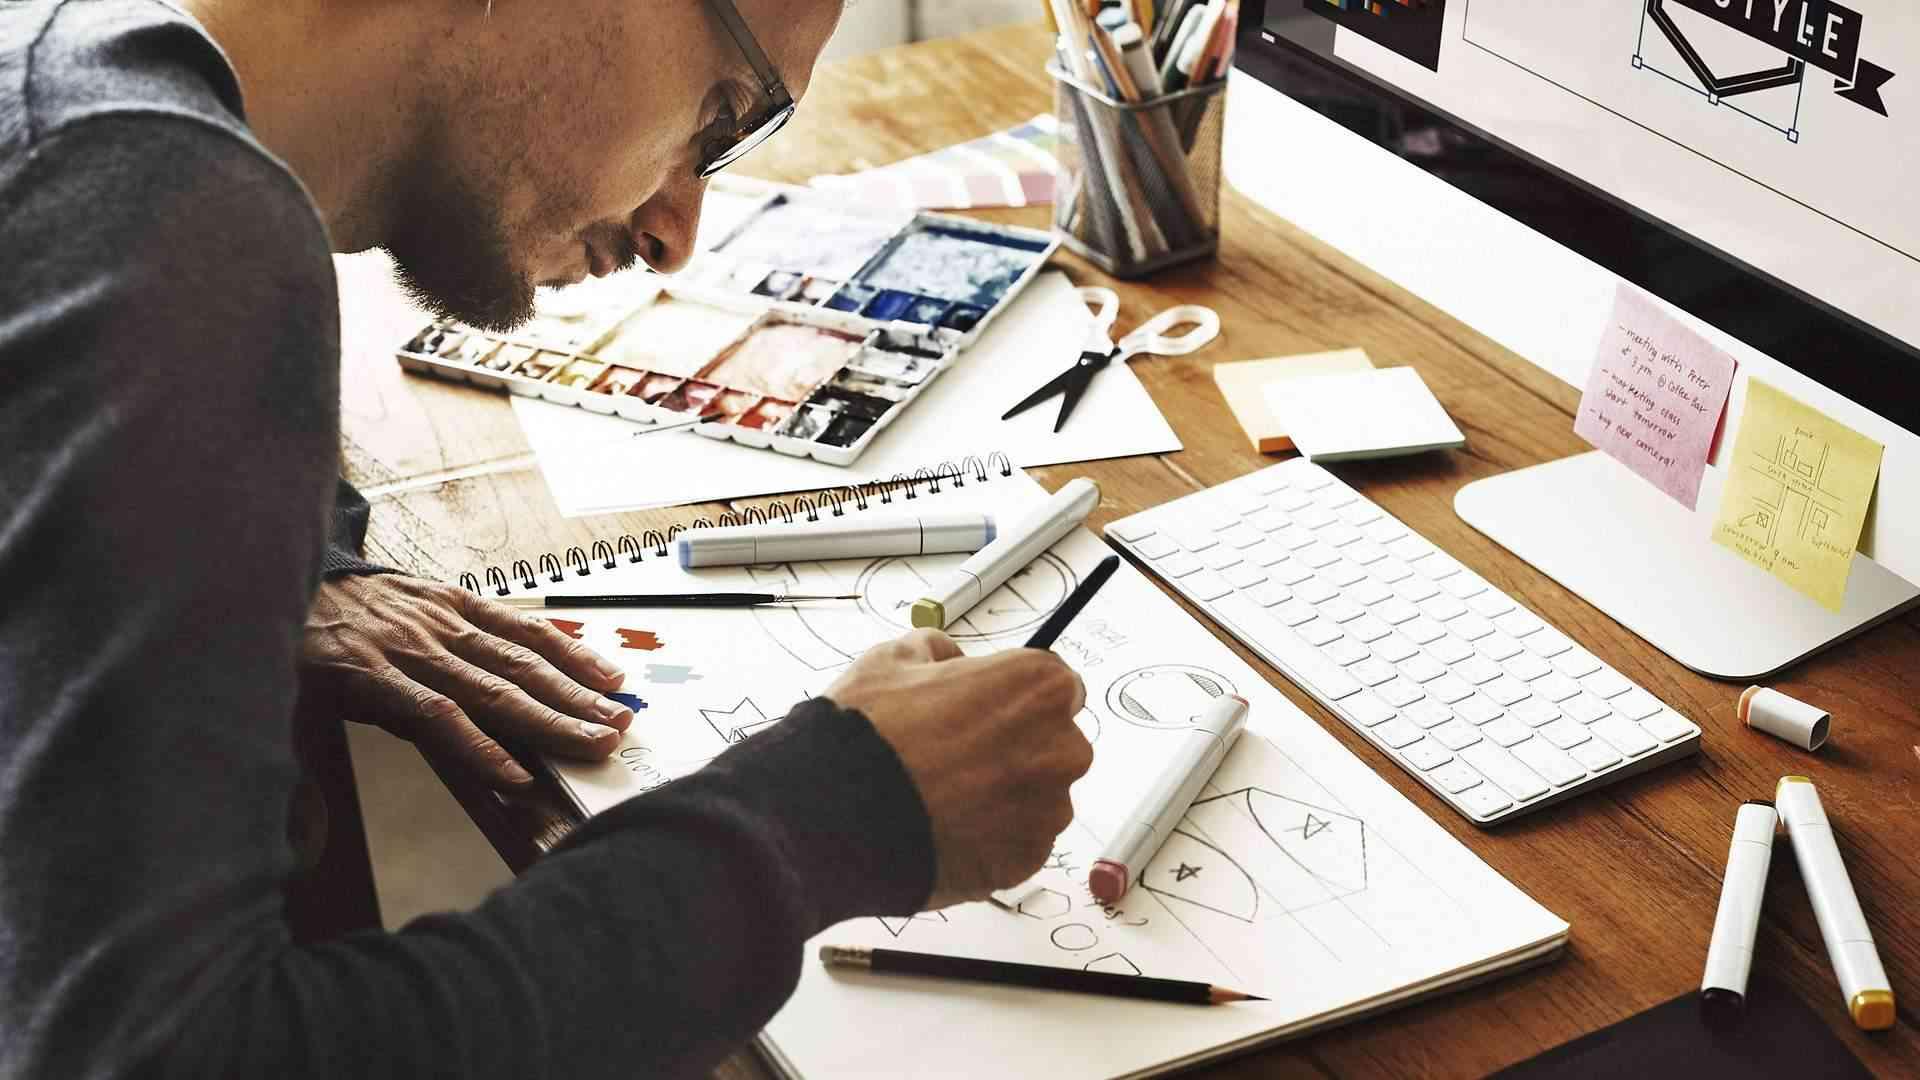 Designer fazendo projeto no papel, com computador mais à frente